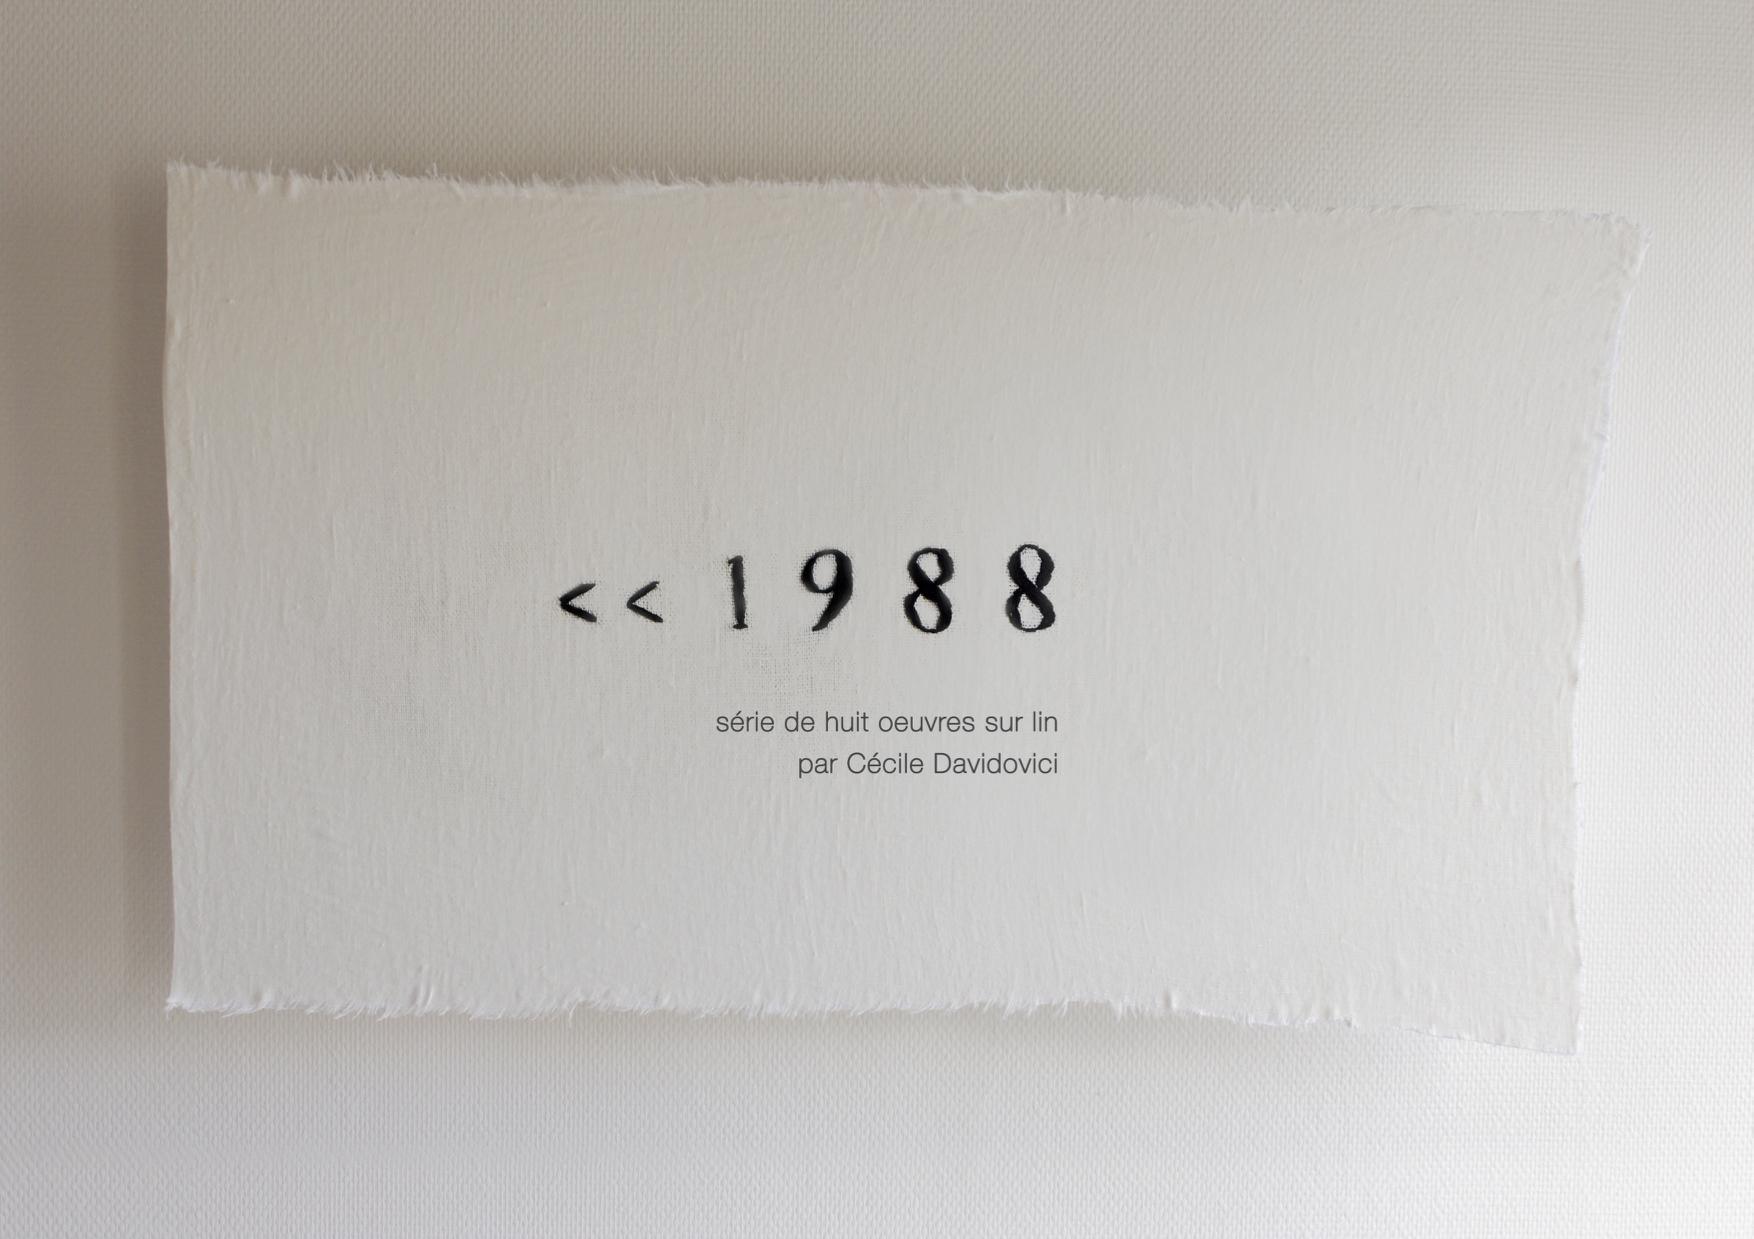 dossier <<1988.jpg